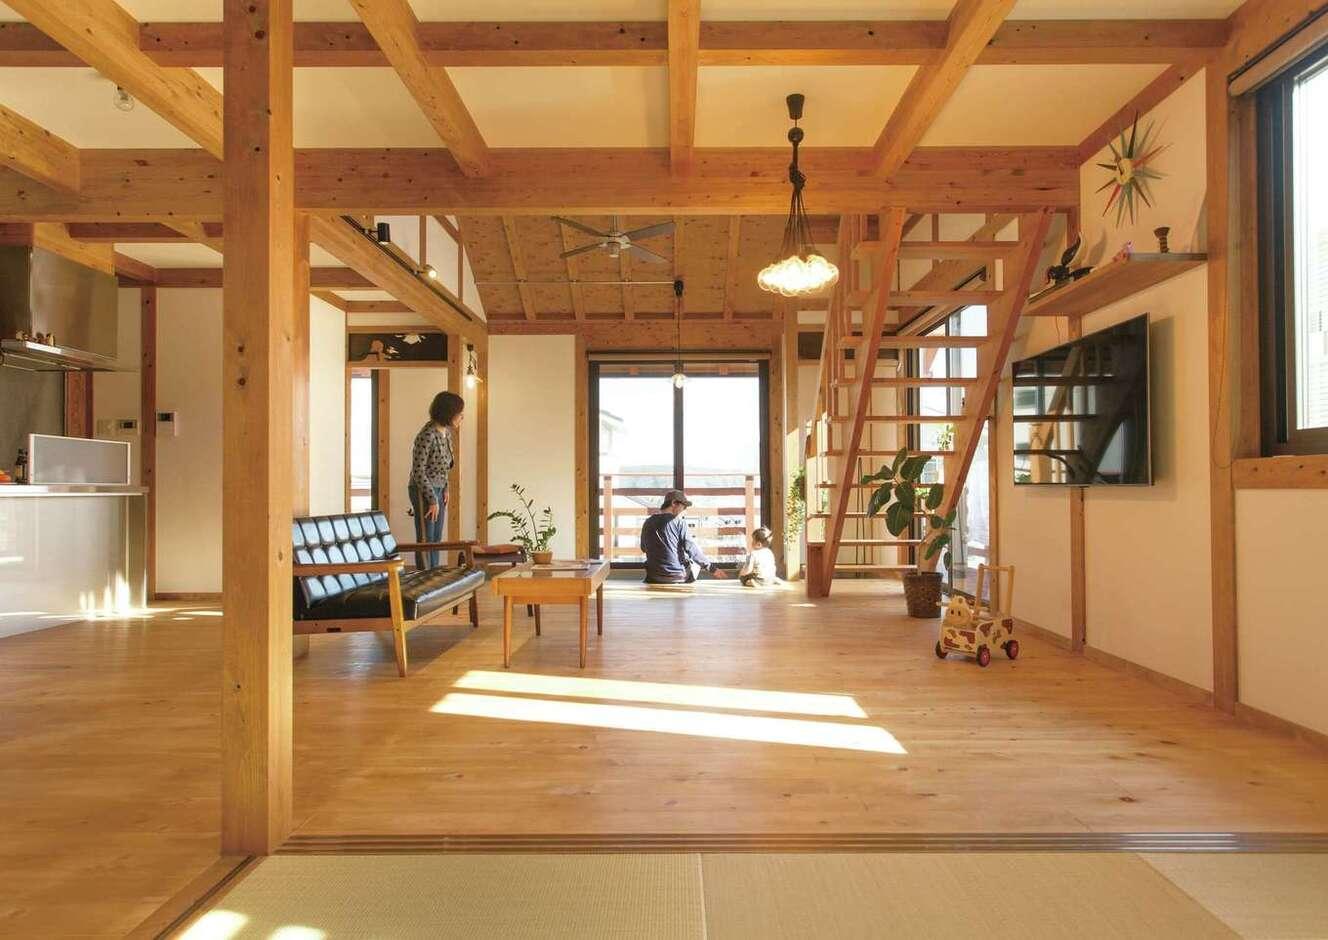 サイエンスホーム甲府店・笛吹店【デザイン住宅、自然素材、平屋】1階全体を広いLDK+畳コーナーにして、家族がいつも一緒にいられる空間に。肌触りのいいヒノキの床の経年美も楽しみ。掃き出し窓を開けると、L字型のウッドデッキへとつながる